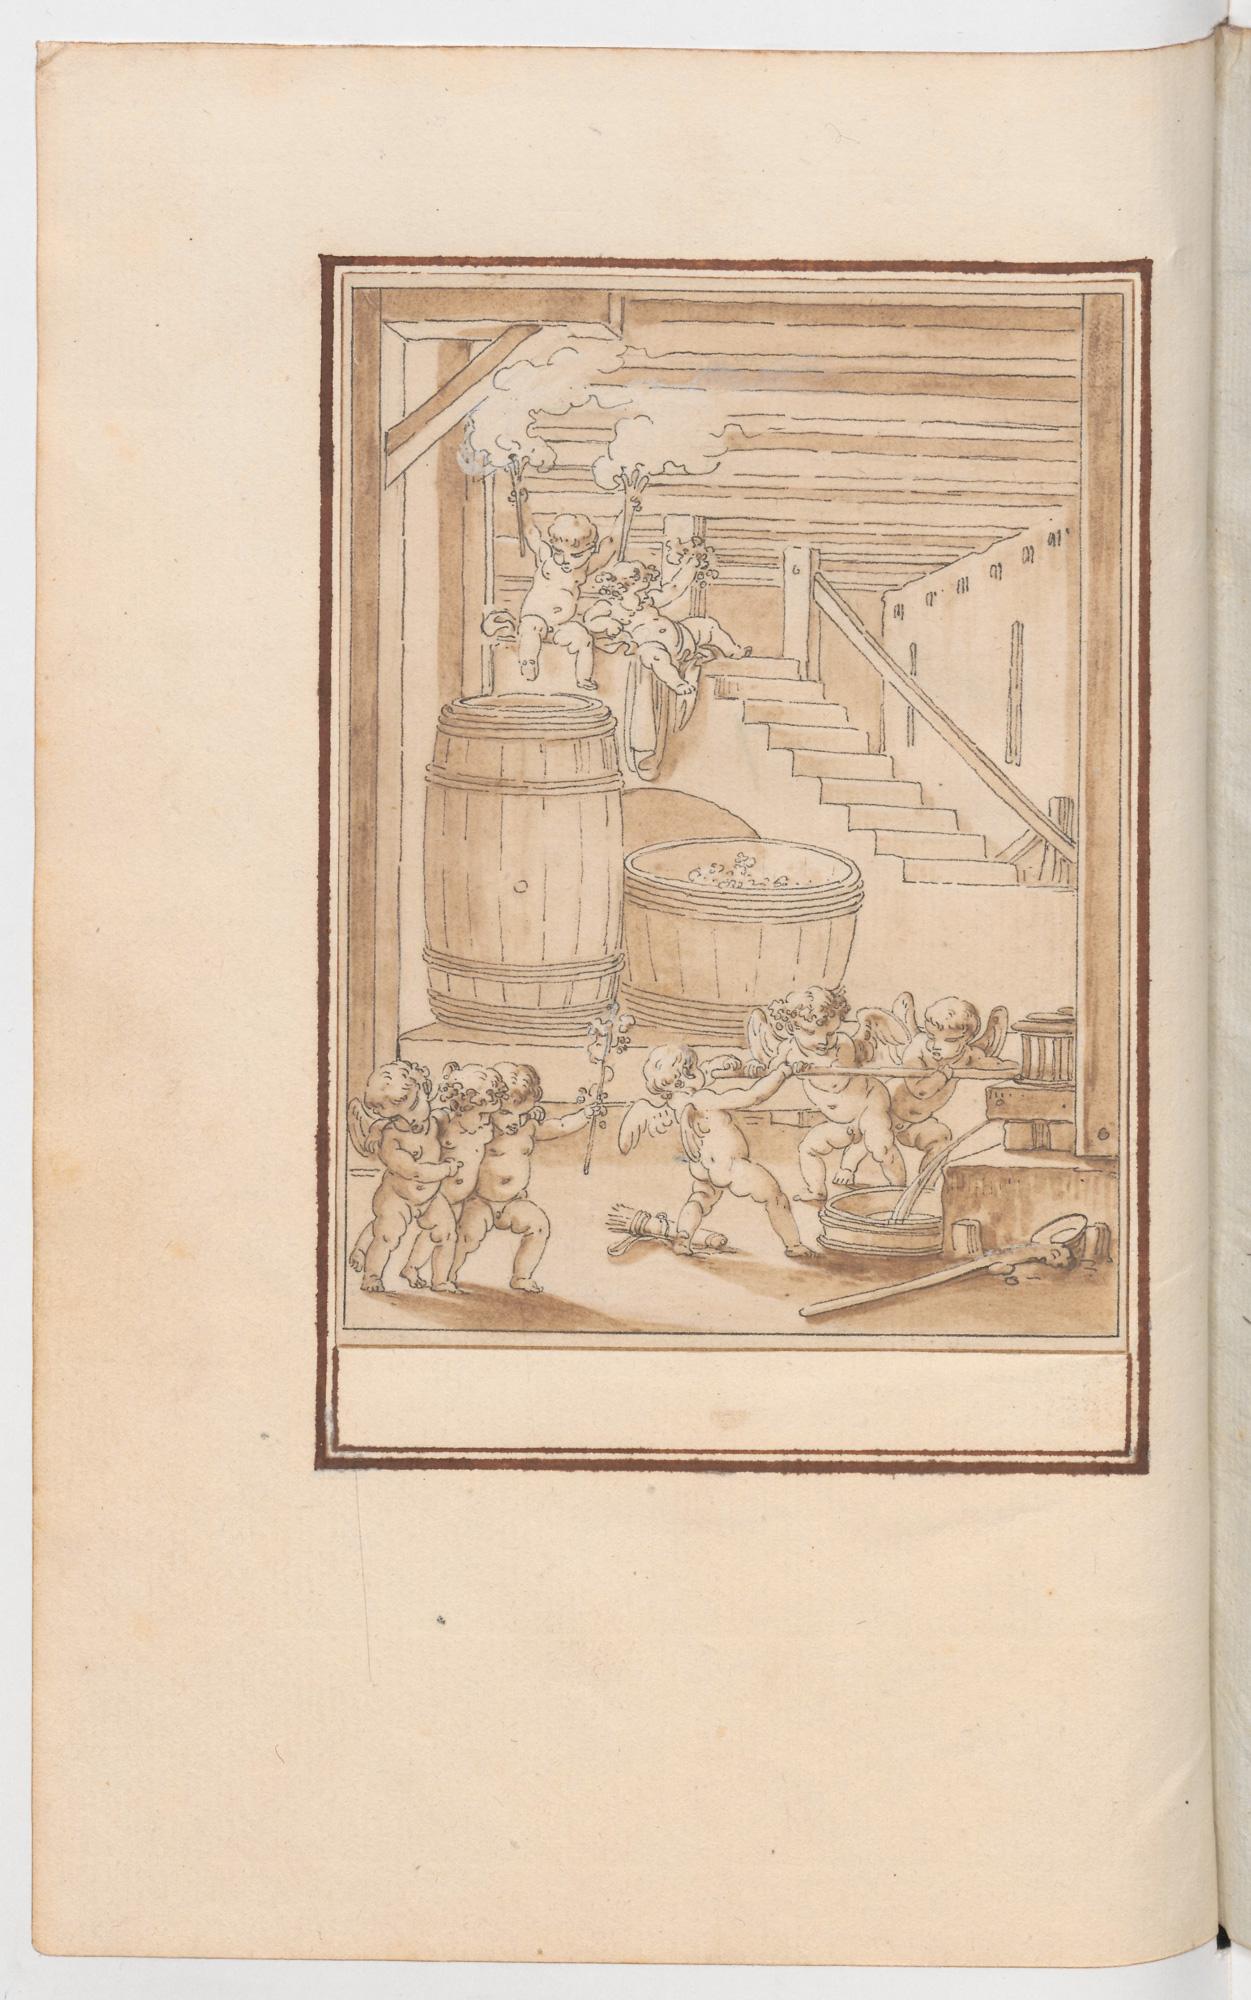 S.4.03 Les vendanges de Cythere, Chantilly, Image